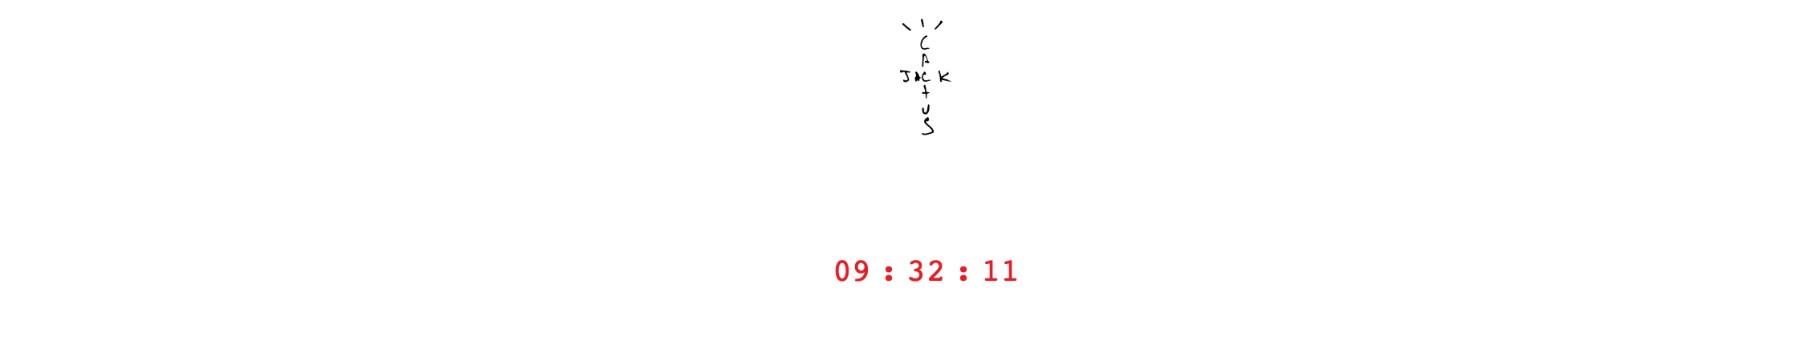 countdown-travis-scott